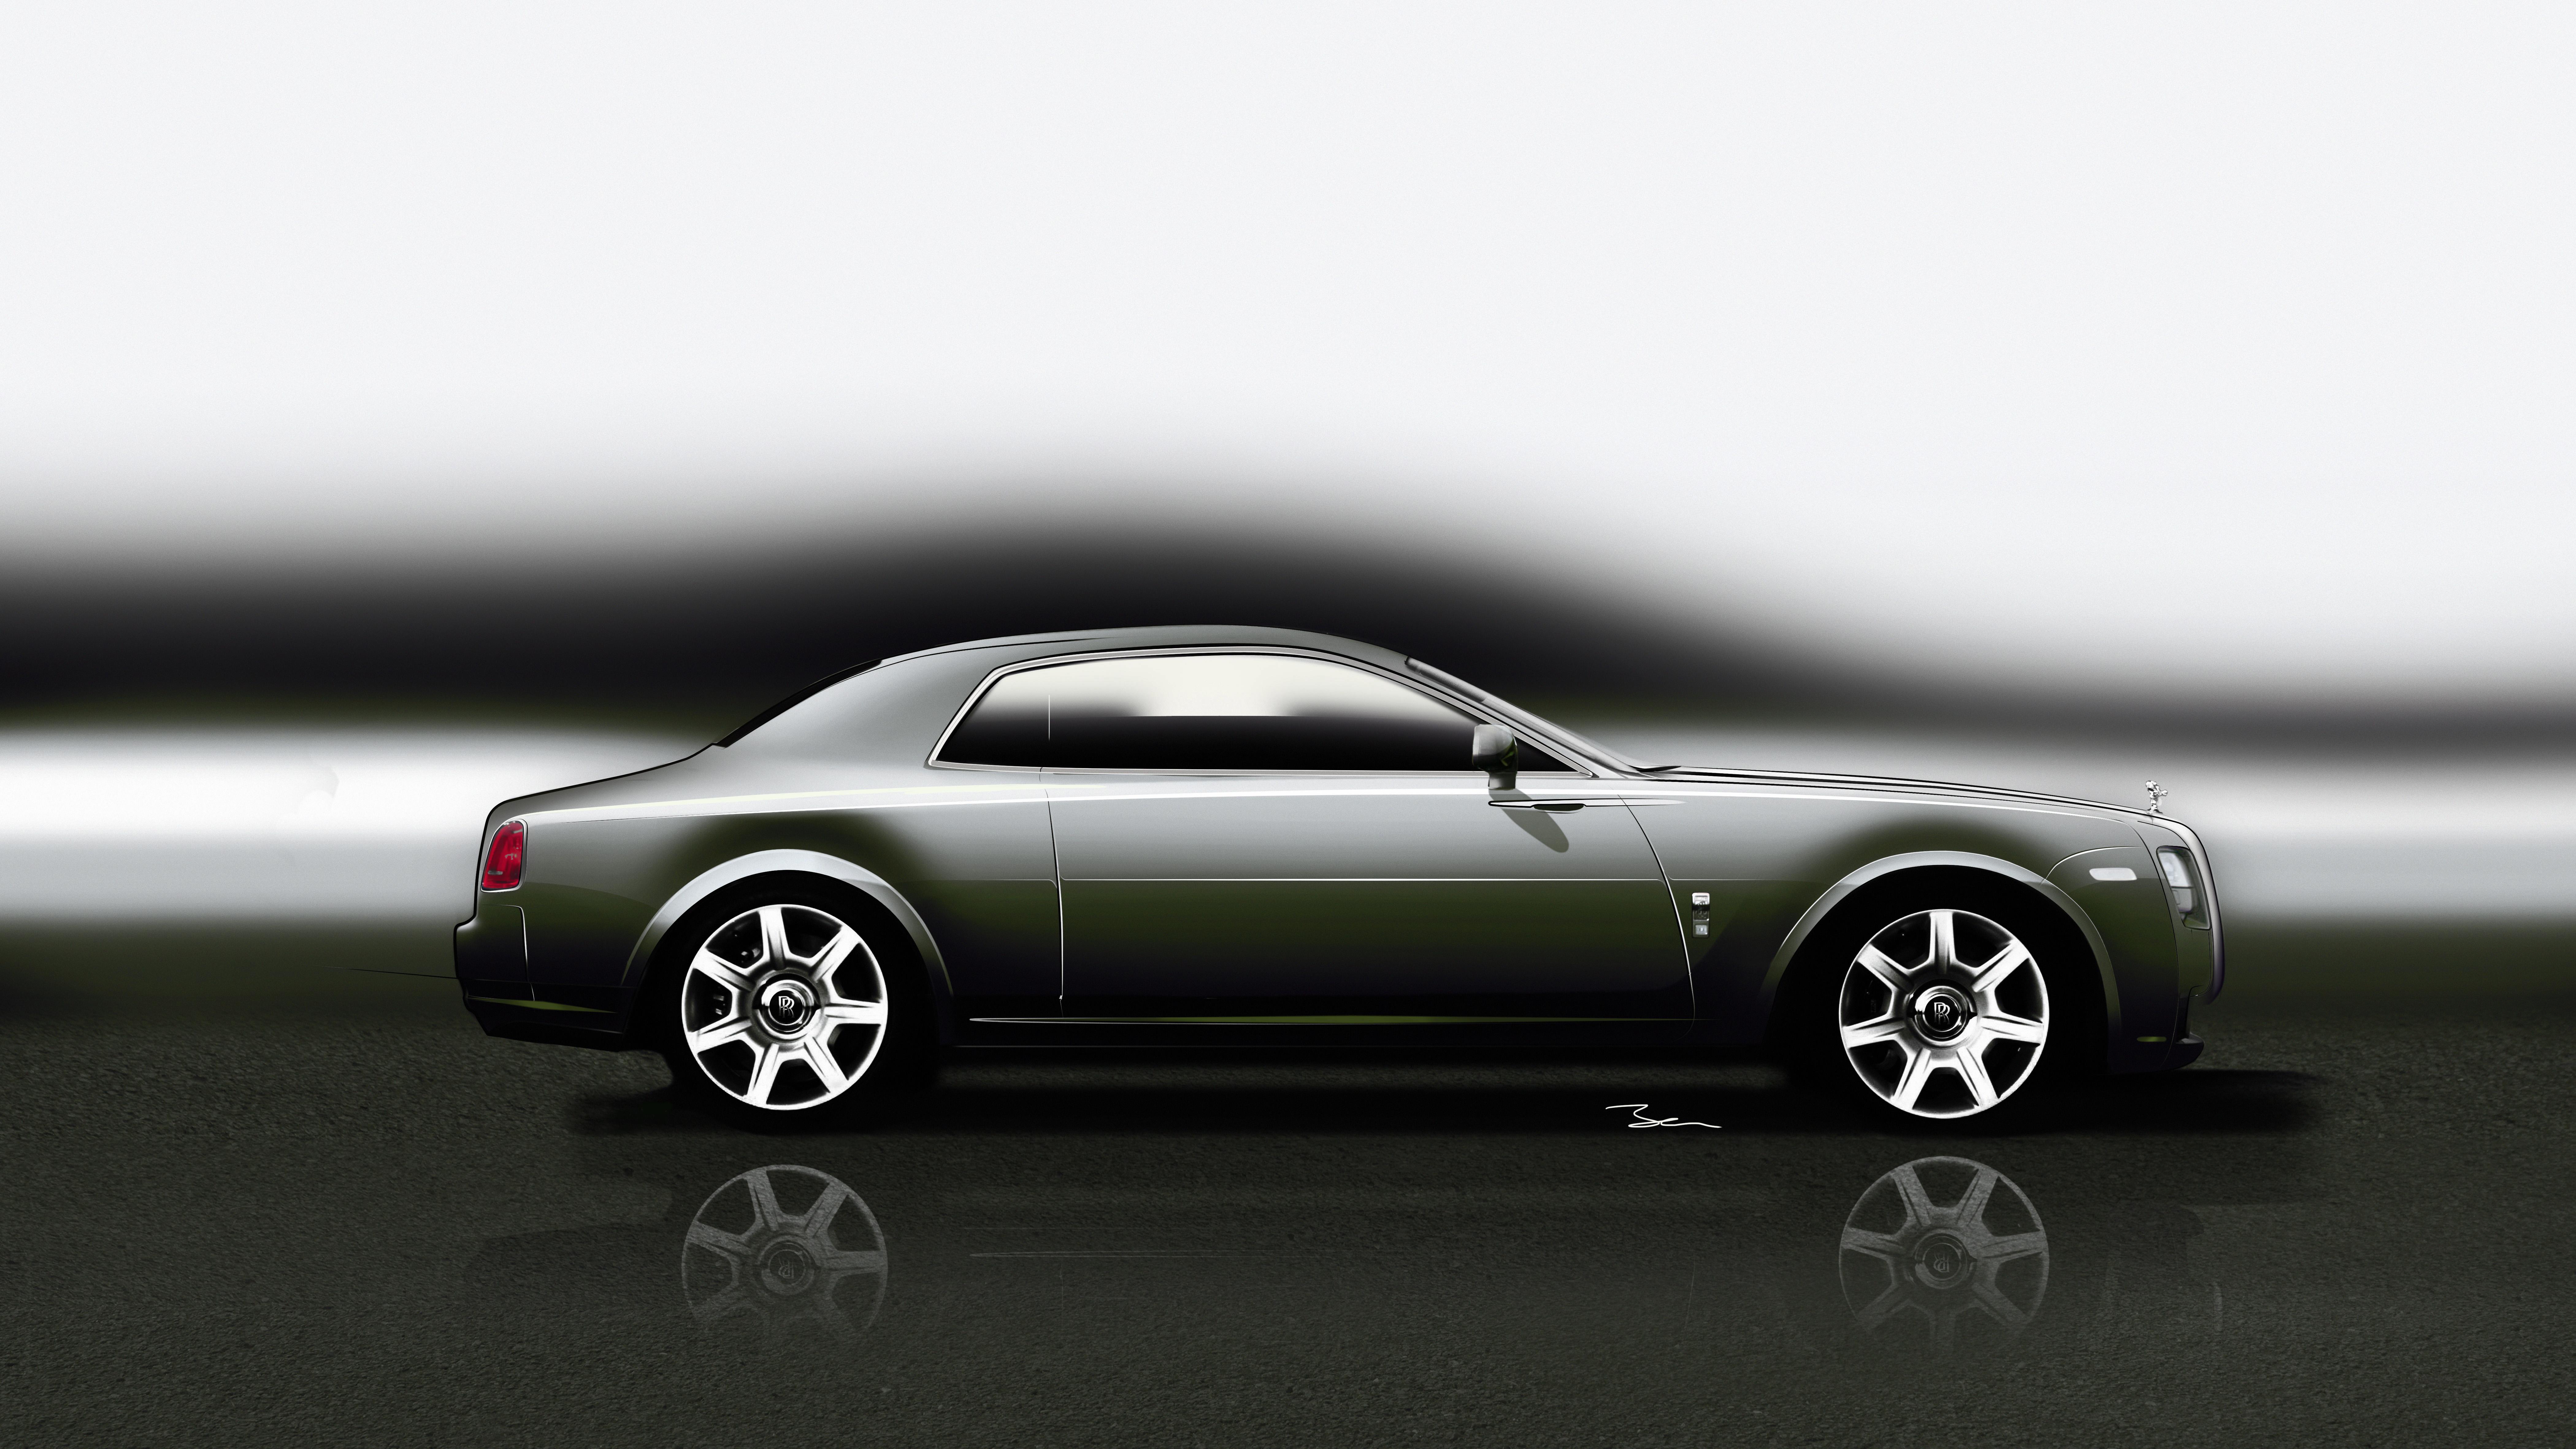 2013 - [Rolls Royce] Wraith S0-Rolls-Royce-deux-nouvelles-Ghost-en-preparation-80577